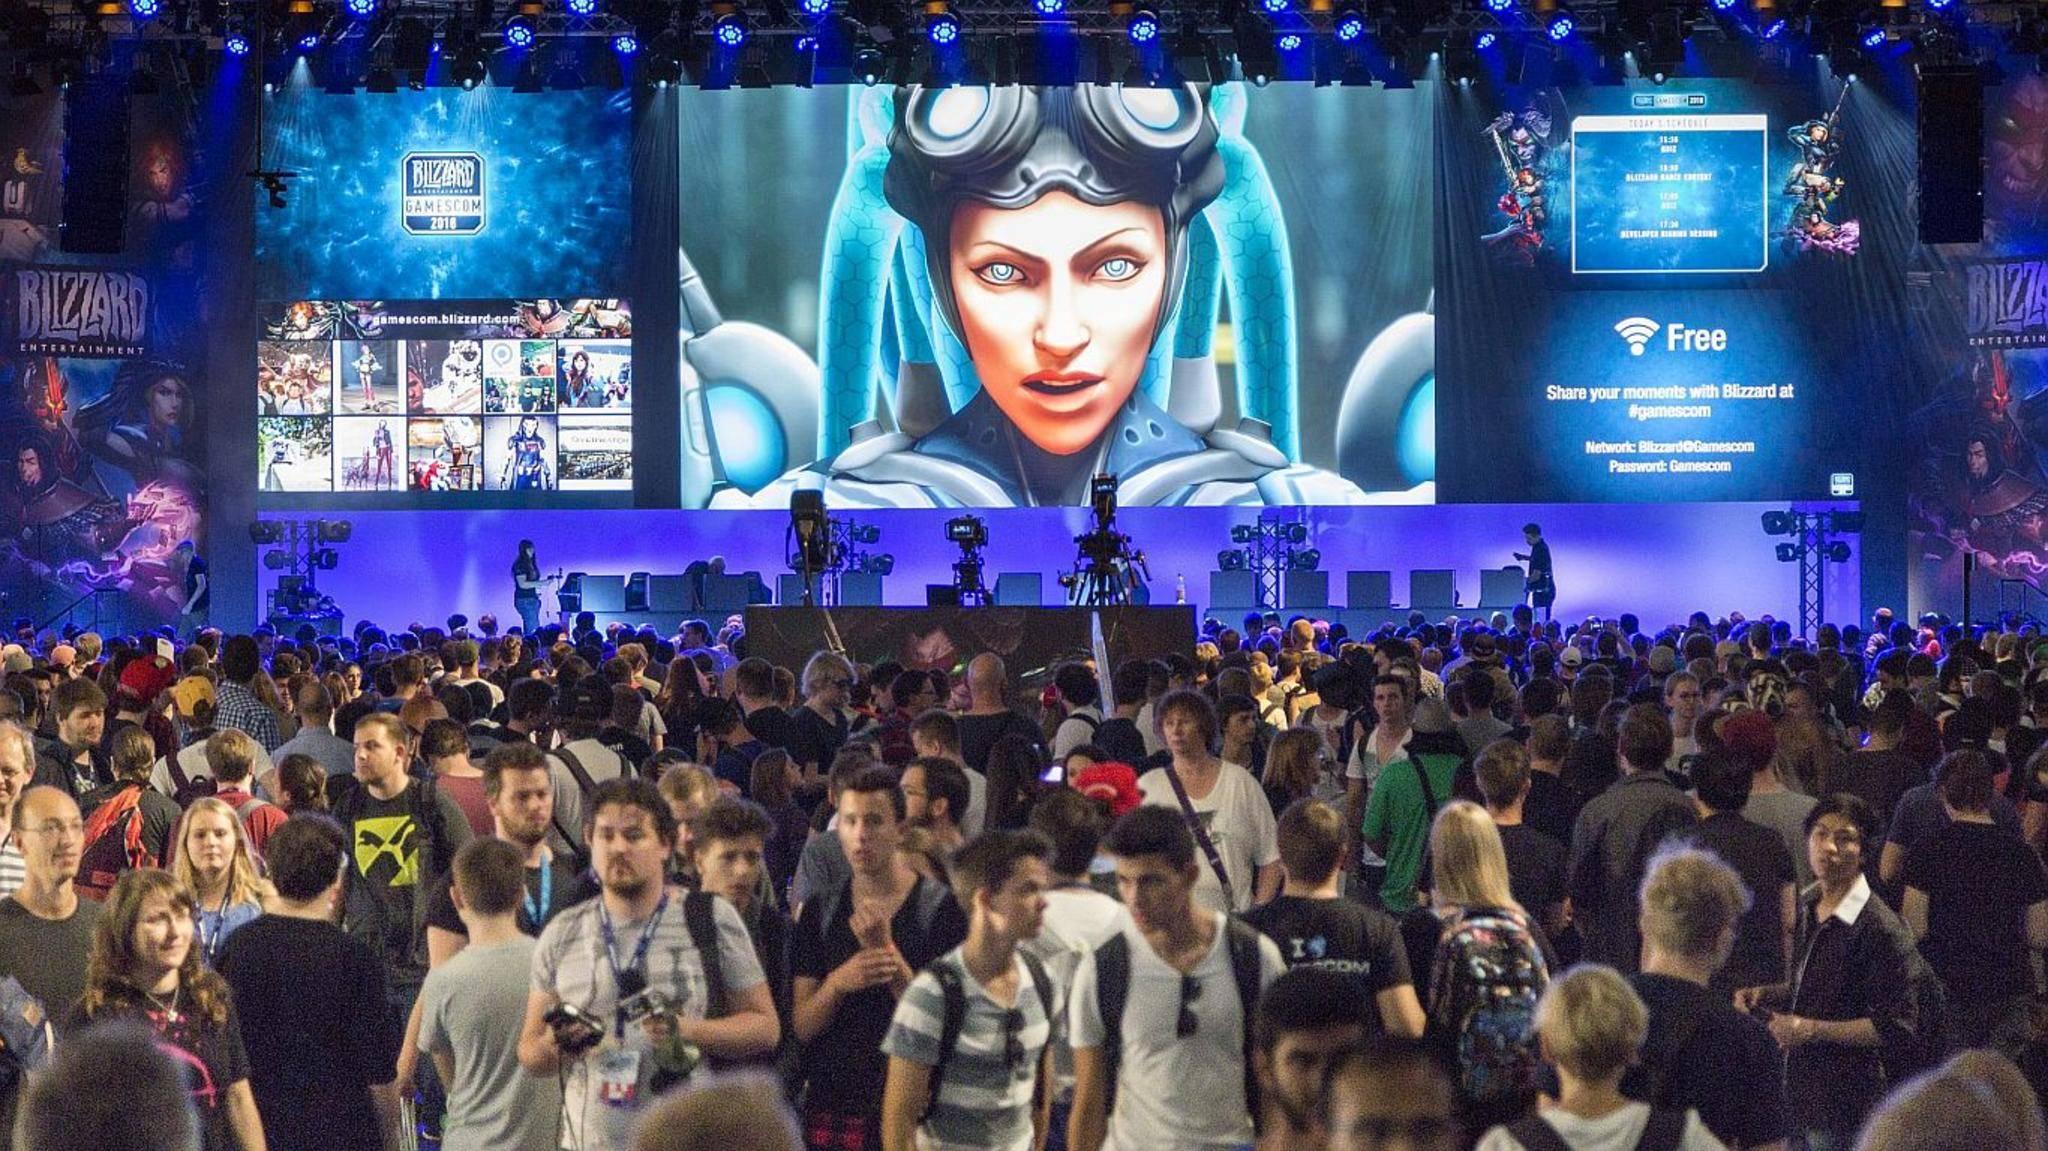 Rein in den Spaß: Auch auf der Gamescom 2017 werden wieder große Publisher wie Blizzard ihre nächsten Highlights vorstellen.